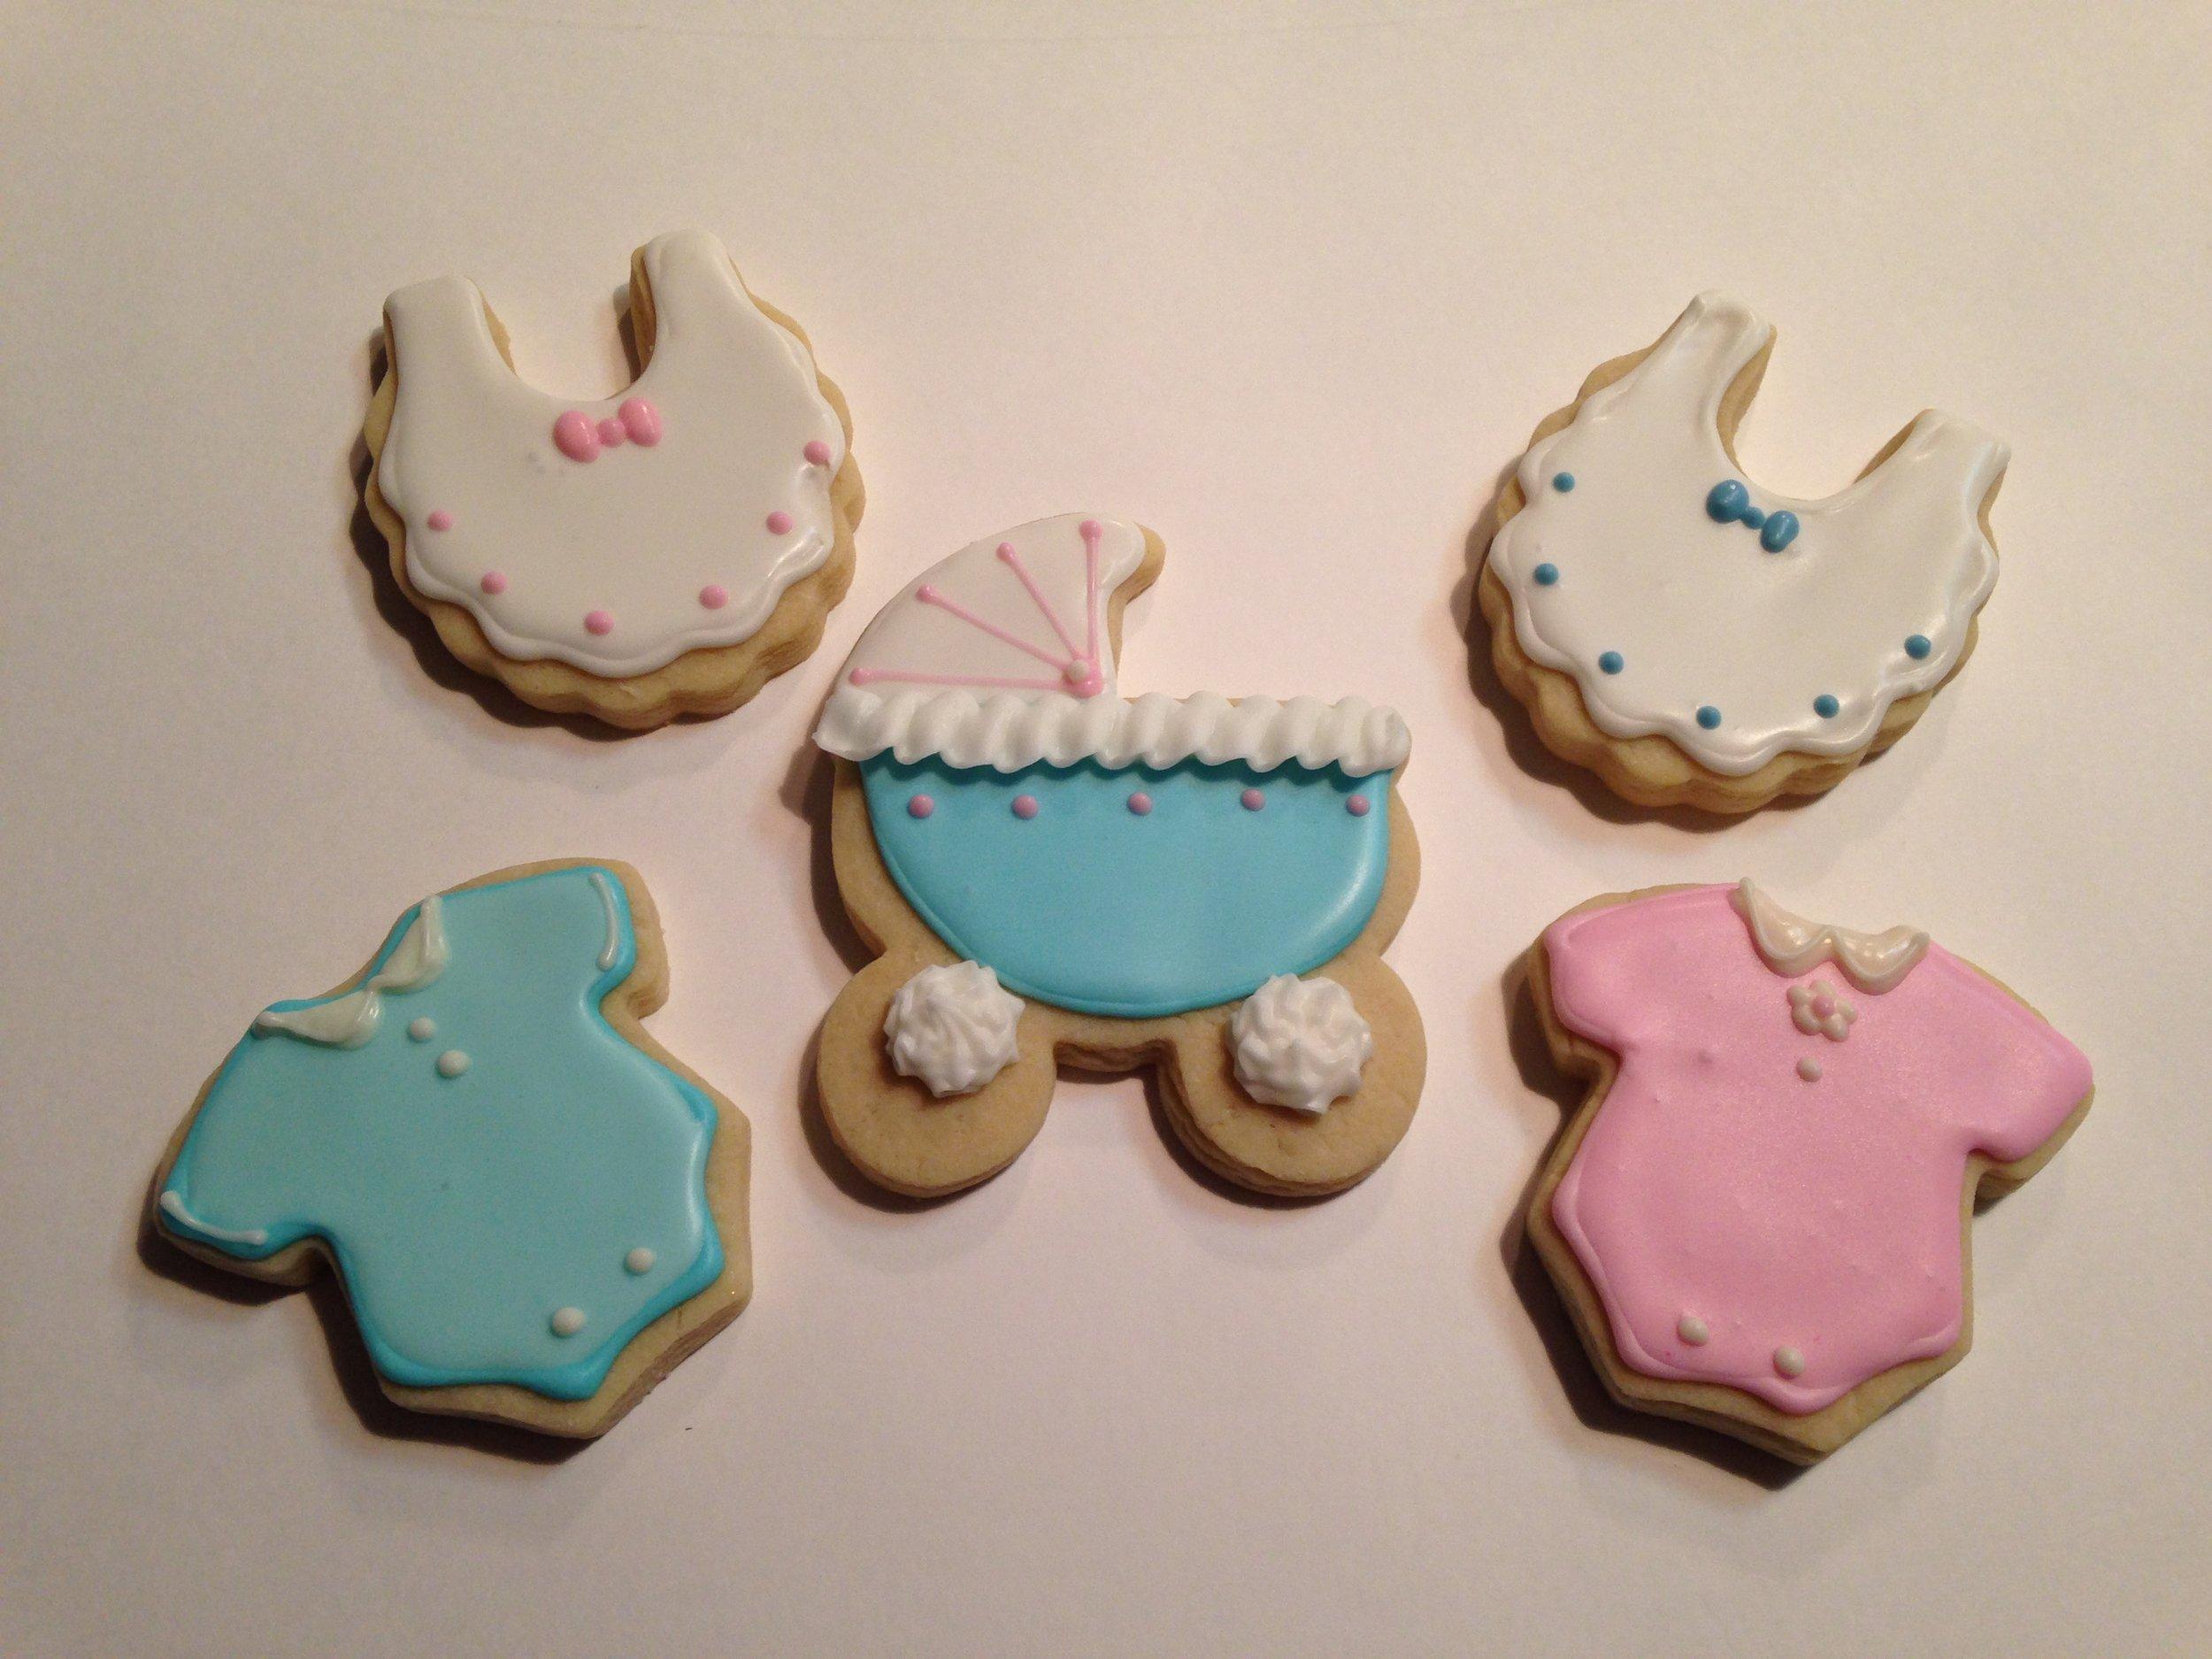 BeBe-Bakes-babycookies2.JPG